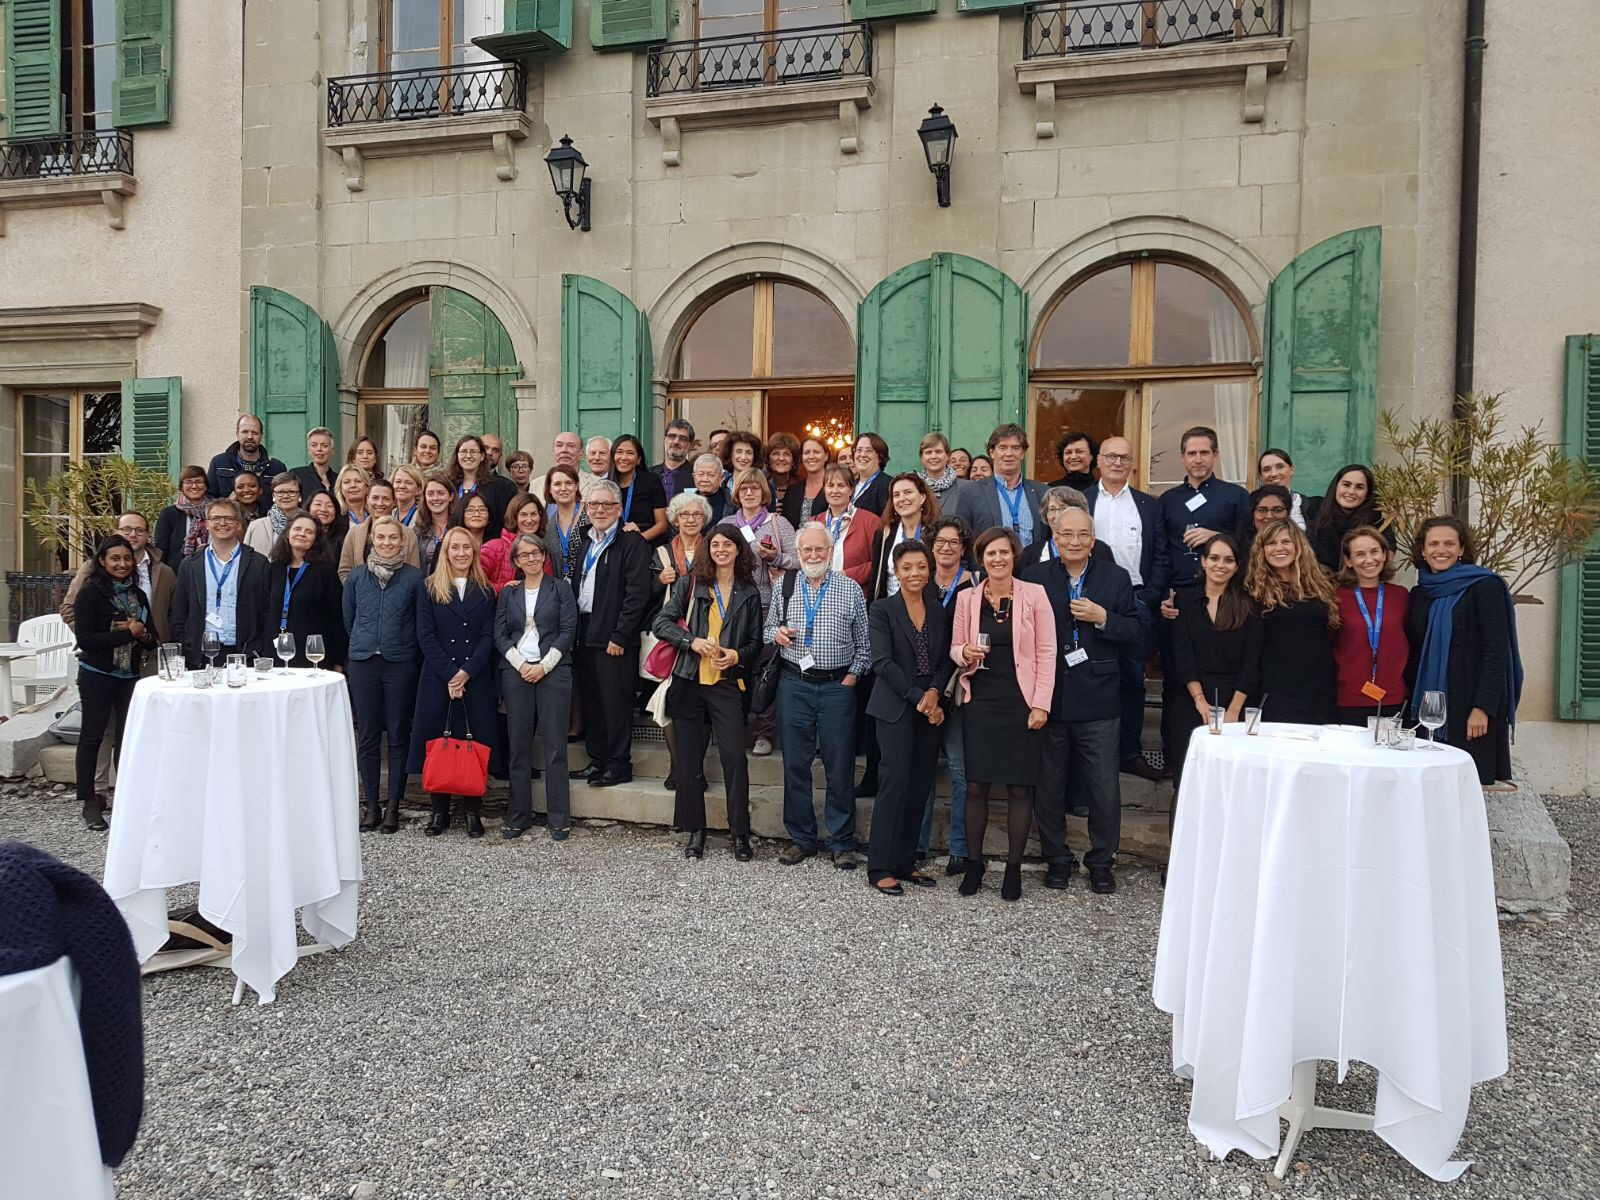 Teilnehmer 25. Jahrestagung ISS/IRC in Genf